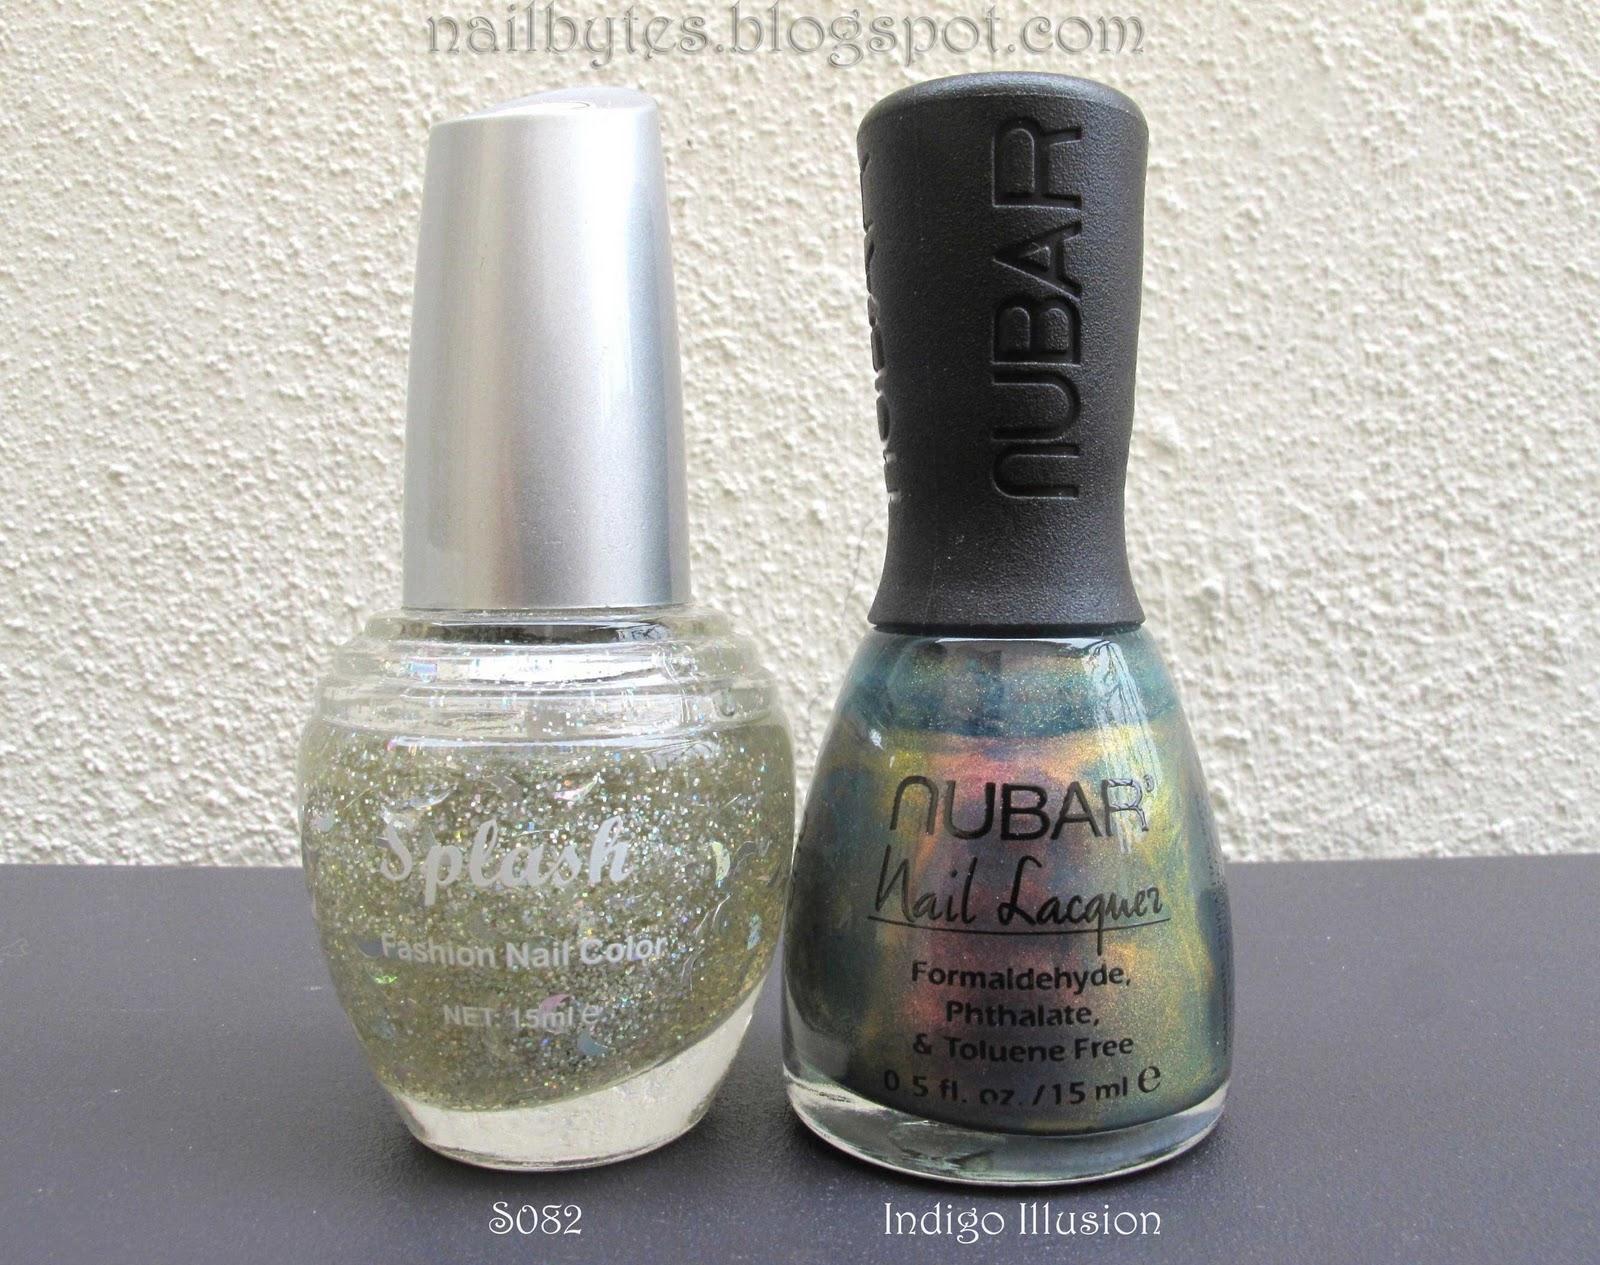 http://4.bp.blogspot.com/-57kMYYV4ATE/TqJh-CHTv7I/AAAAAAAADC4/yb_O7FKKBSs/s1600/IMG_2171-Bottles1.jpg